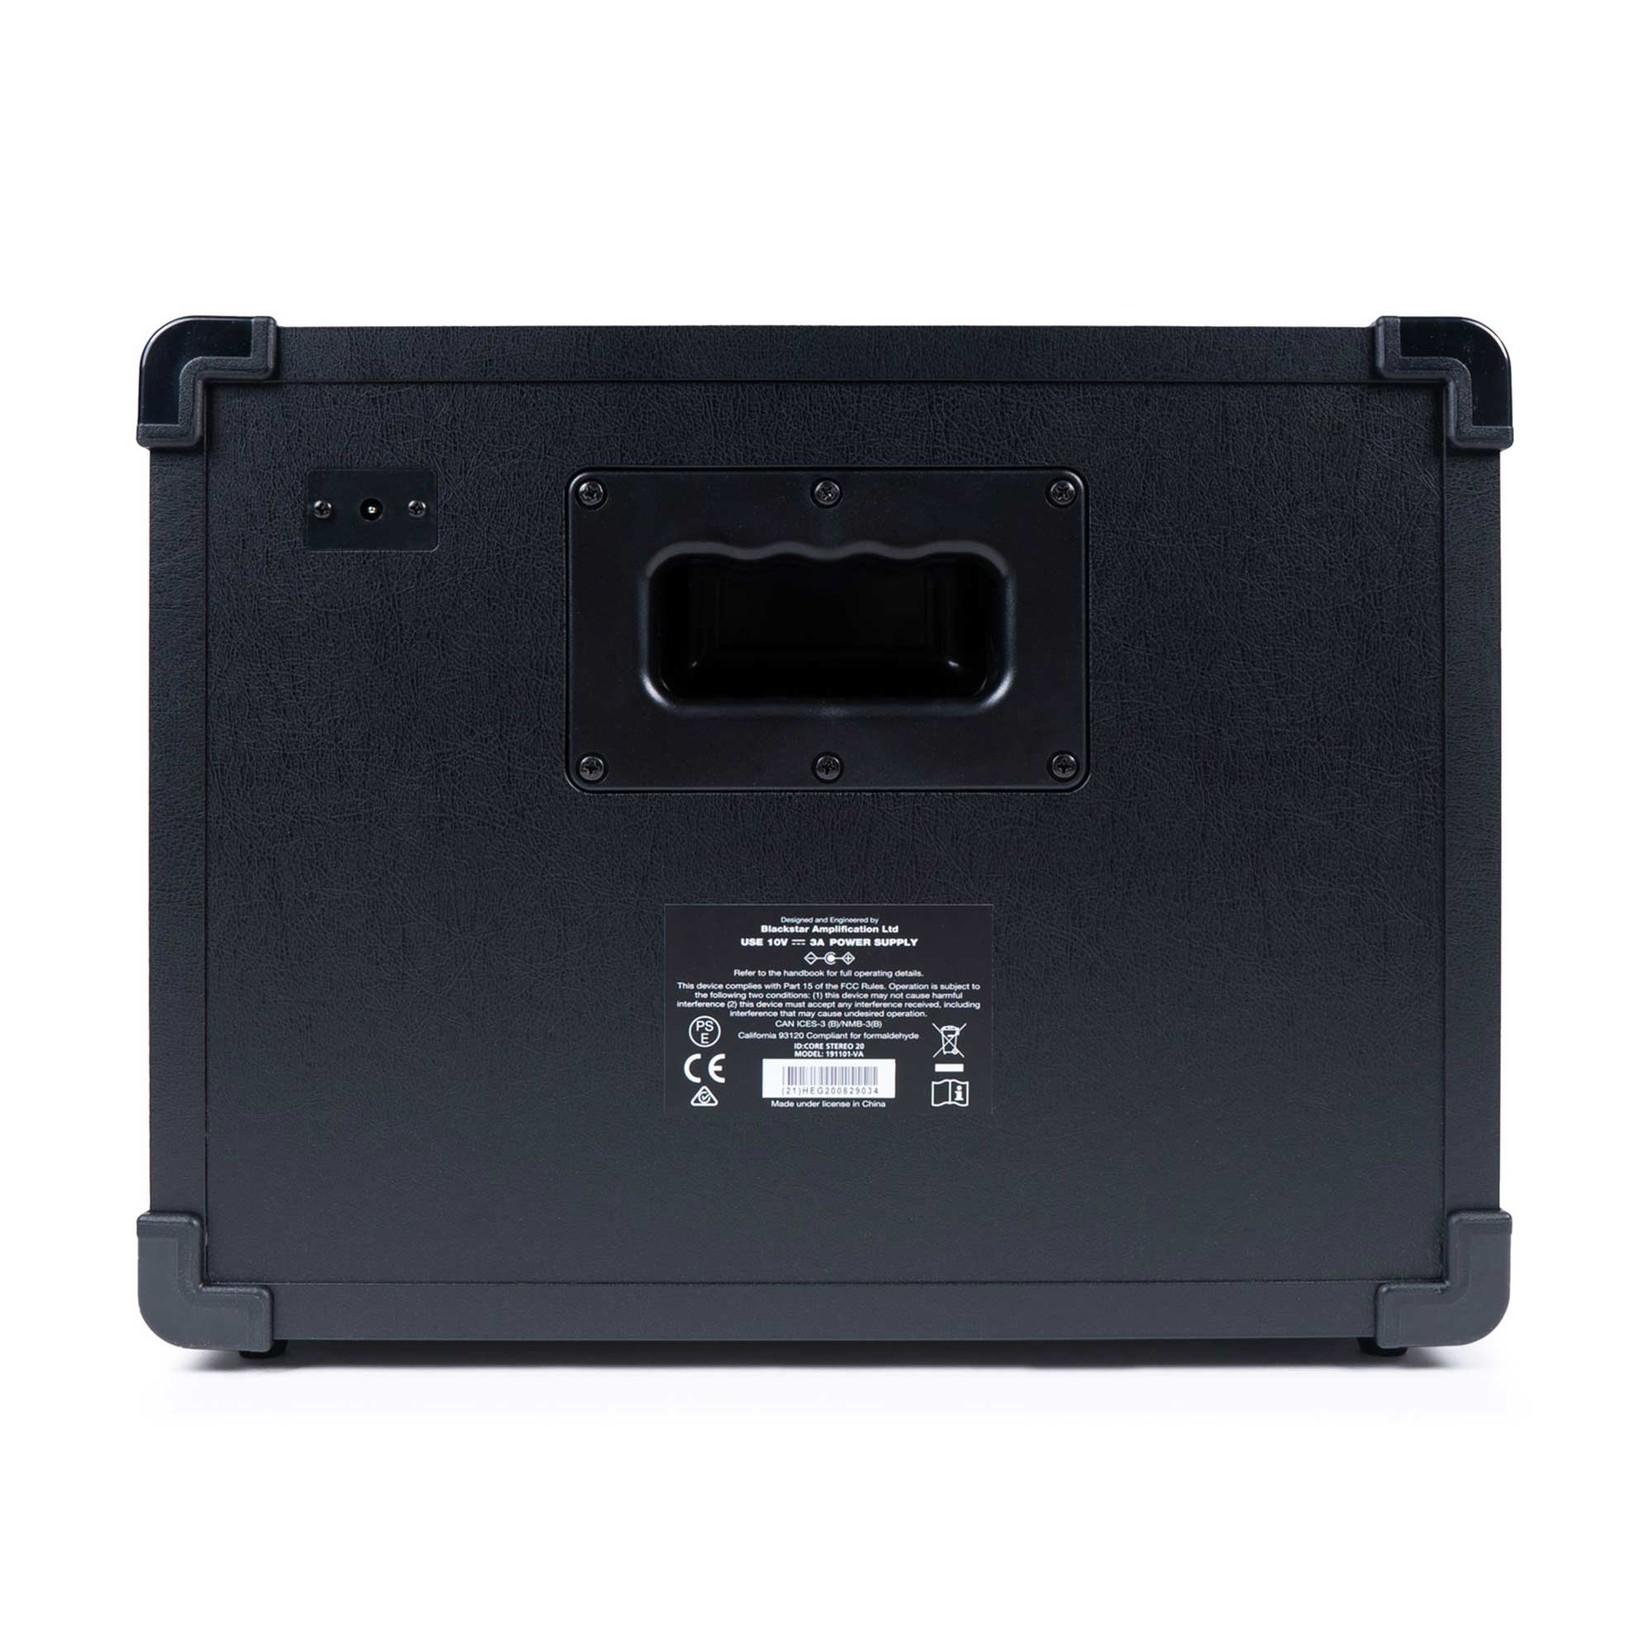 Blackstar Blackstar ID:Core Stereo 20 v3 Amplifier